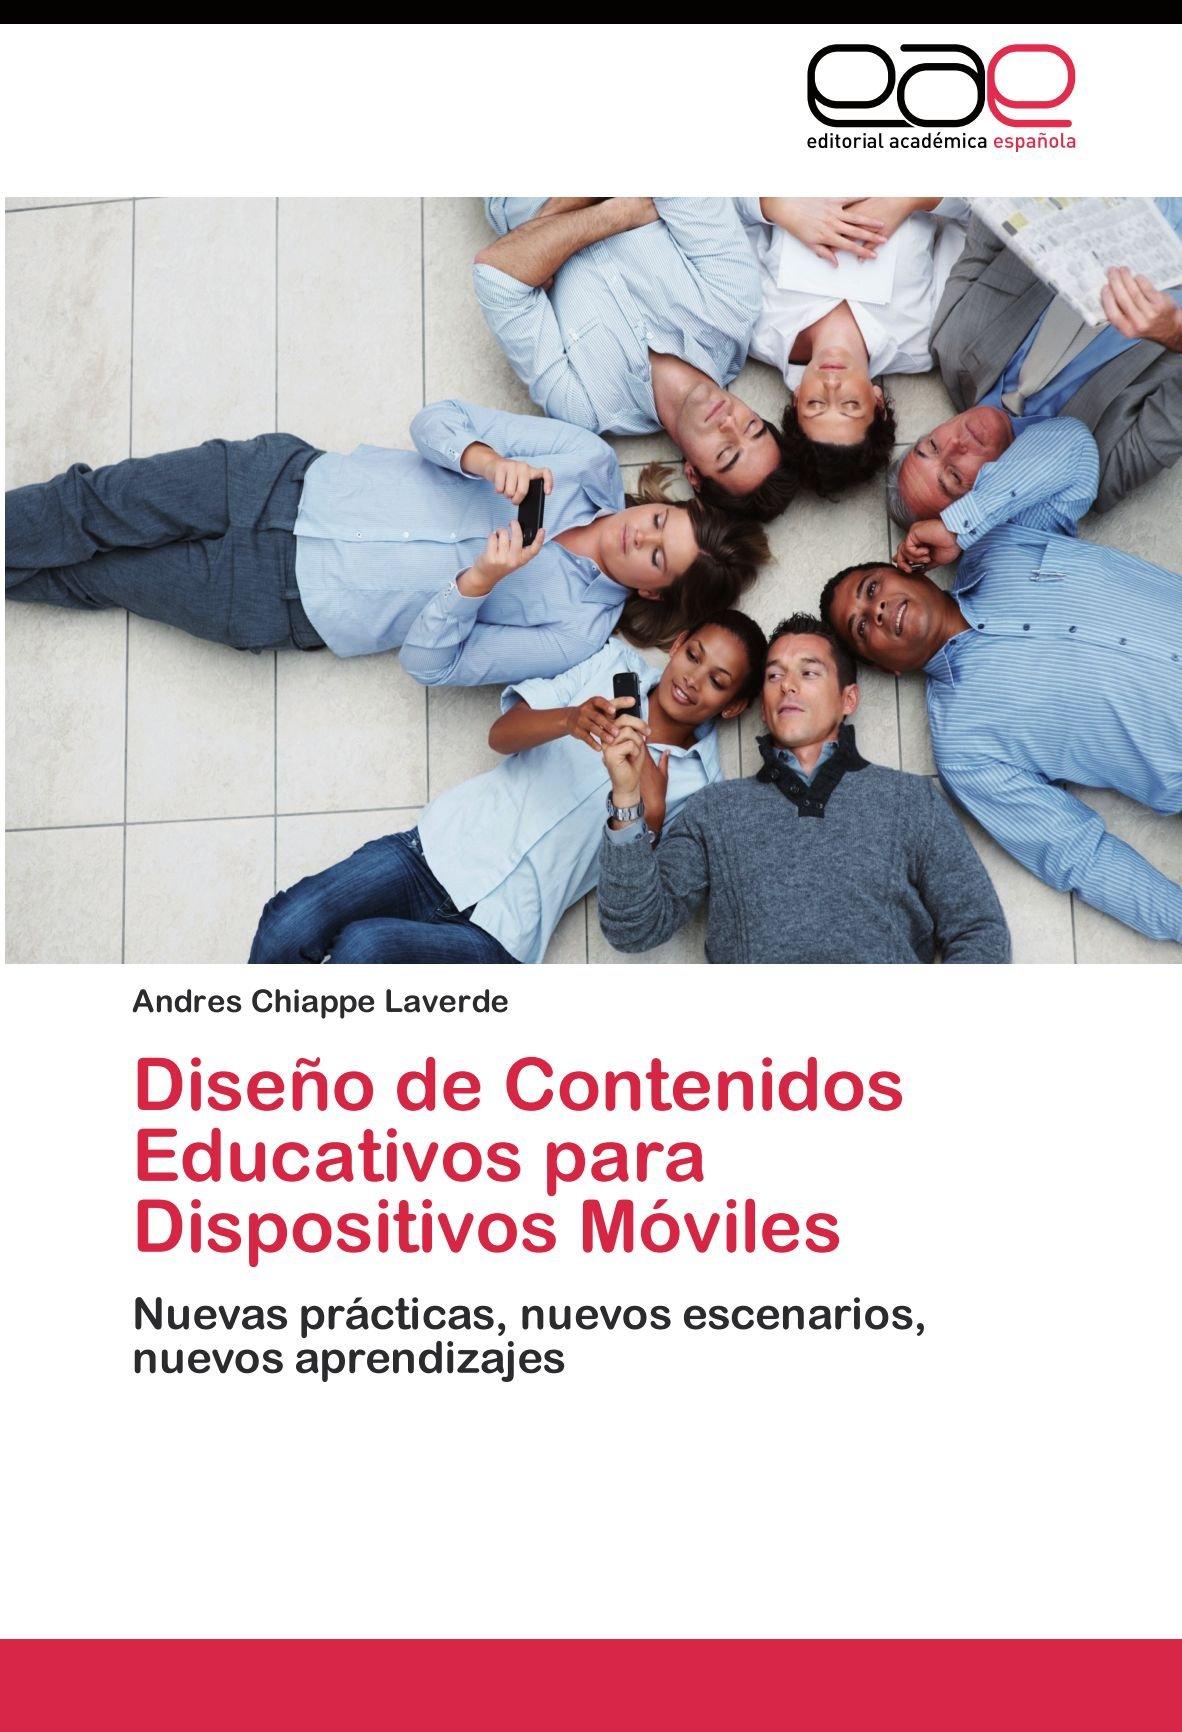 Diseño de Contenidos Educativos para Dispositivos Móviles: Amazon.es: Chiappe Laverde Andres: Libros